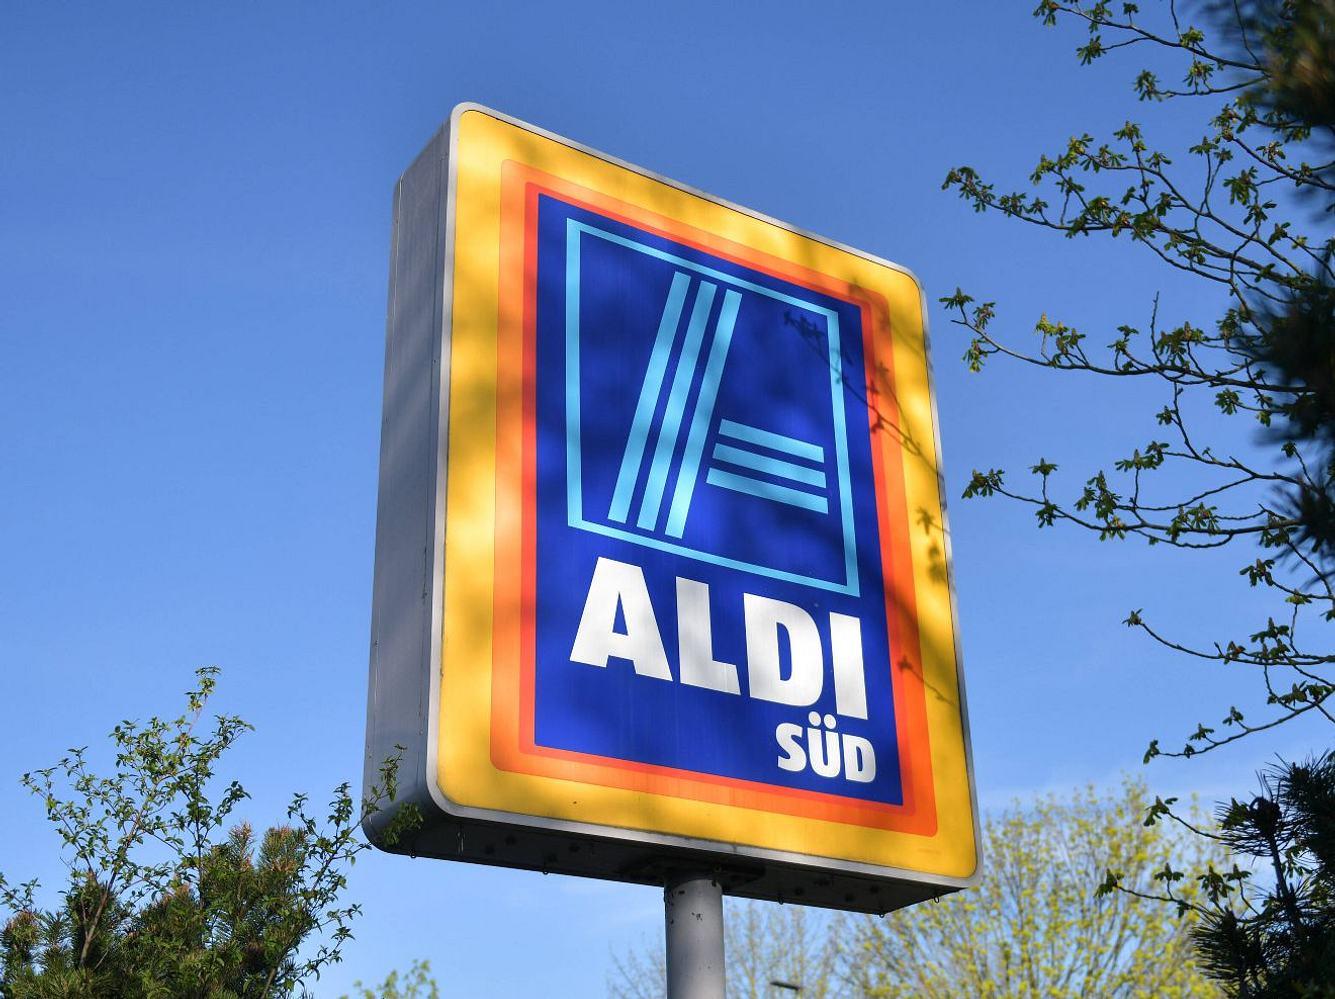 Rückruf bei Aldi: Salmonellen in Salami entdeckt